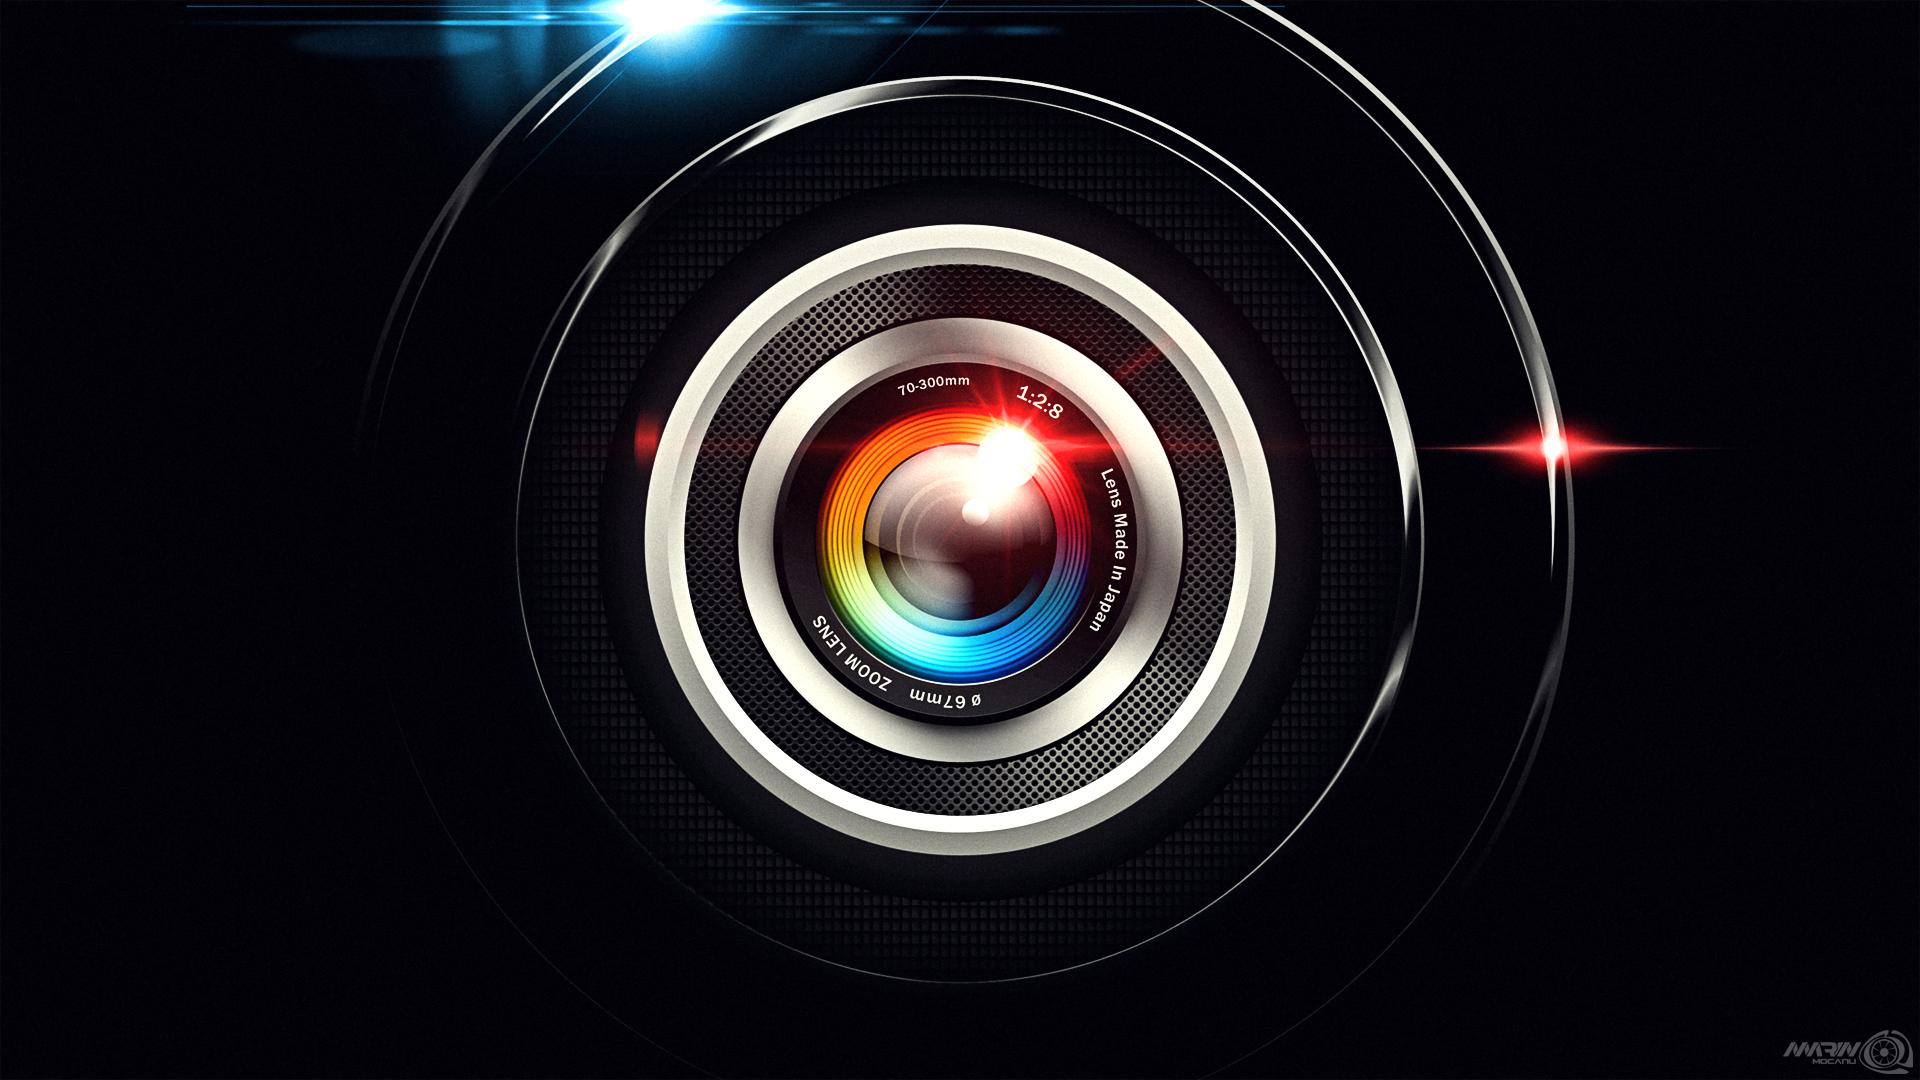 Digital fotografering i praksis av magnar fjrtoft 75